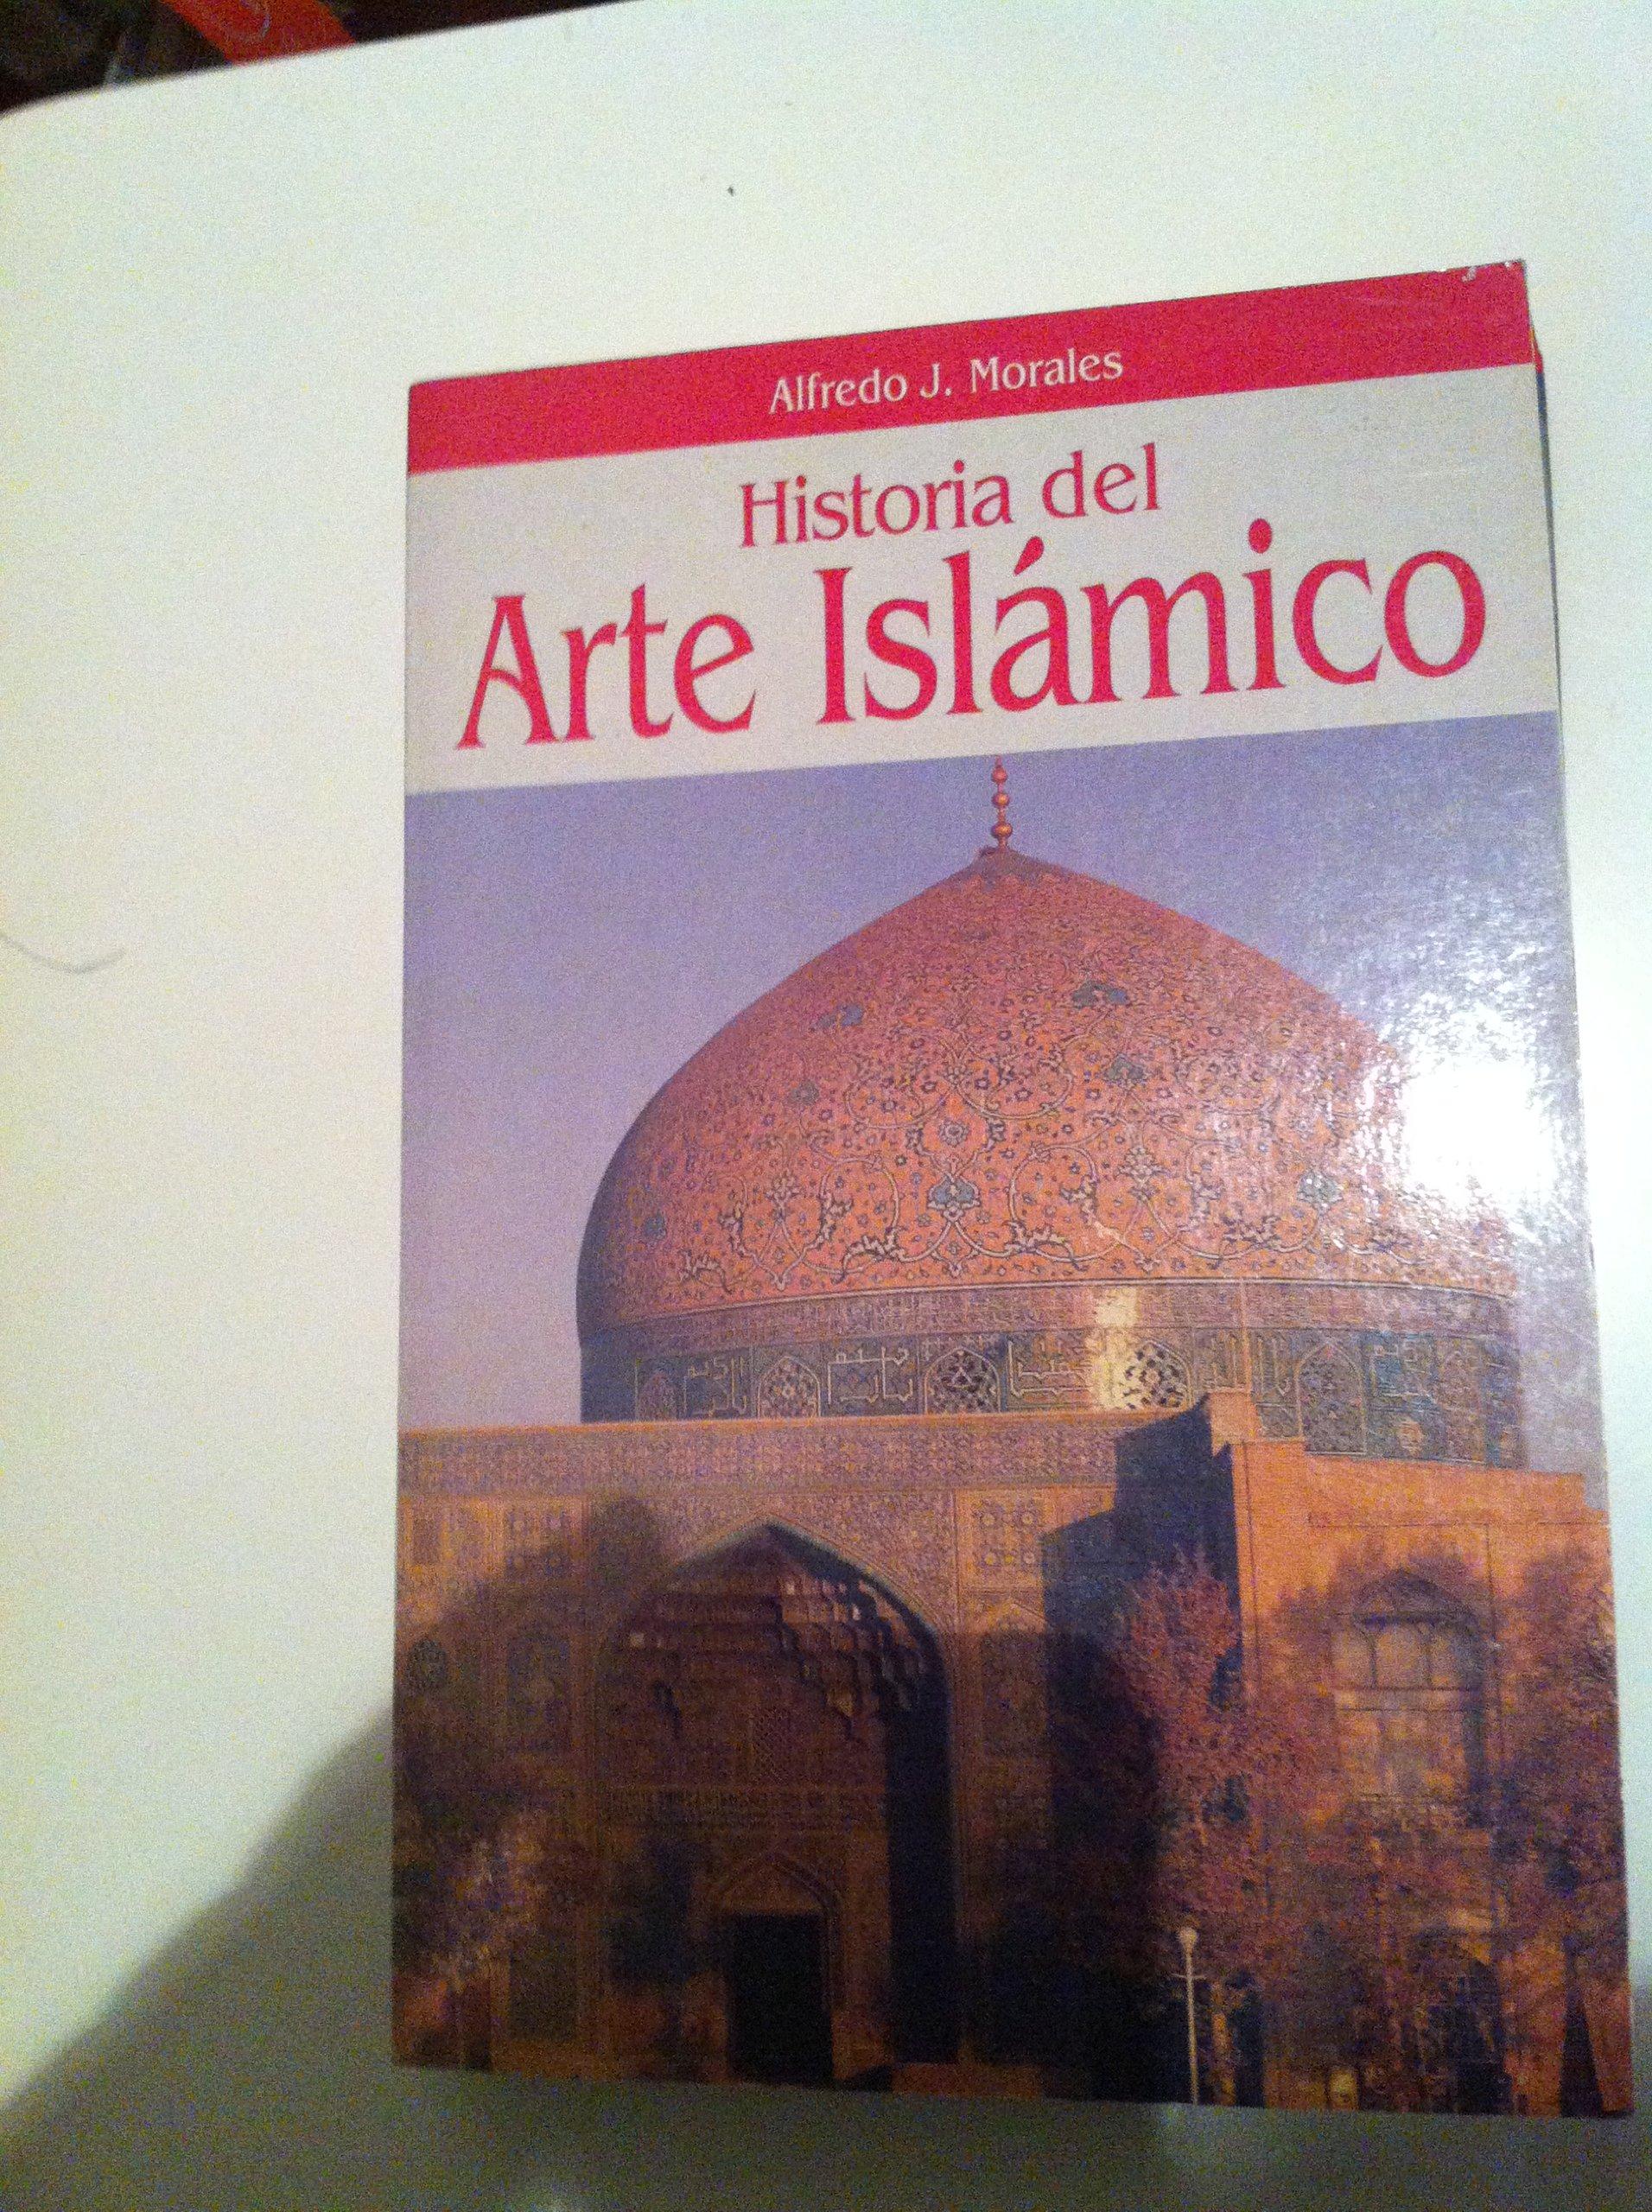 Historia del arte islamico: Amazon.es: Morales, Alfredo J.: Libros